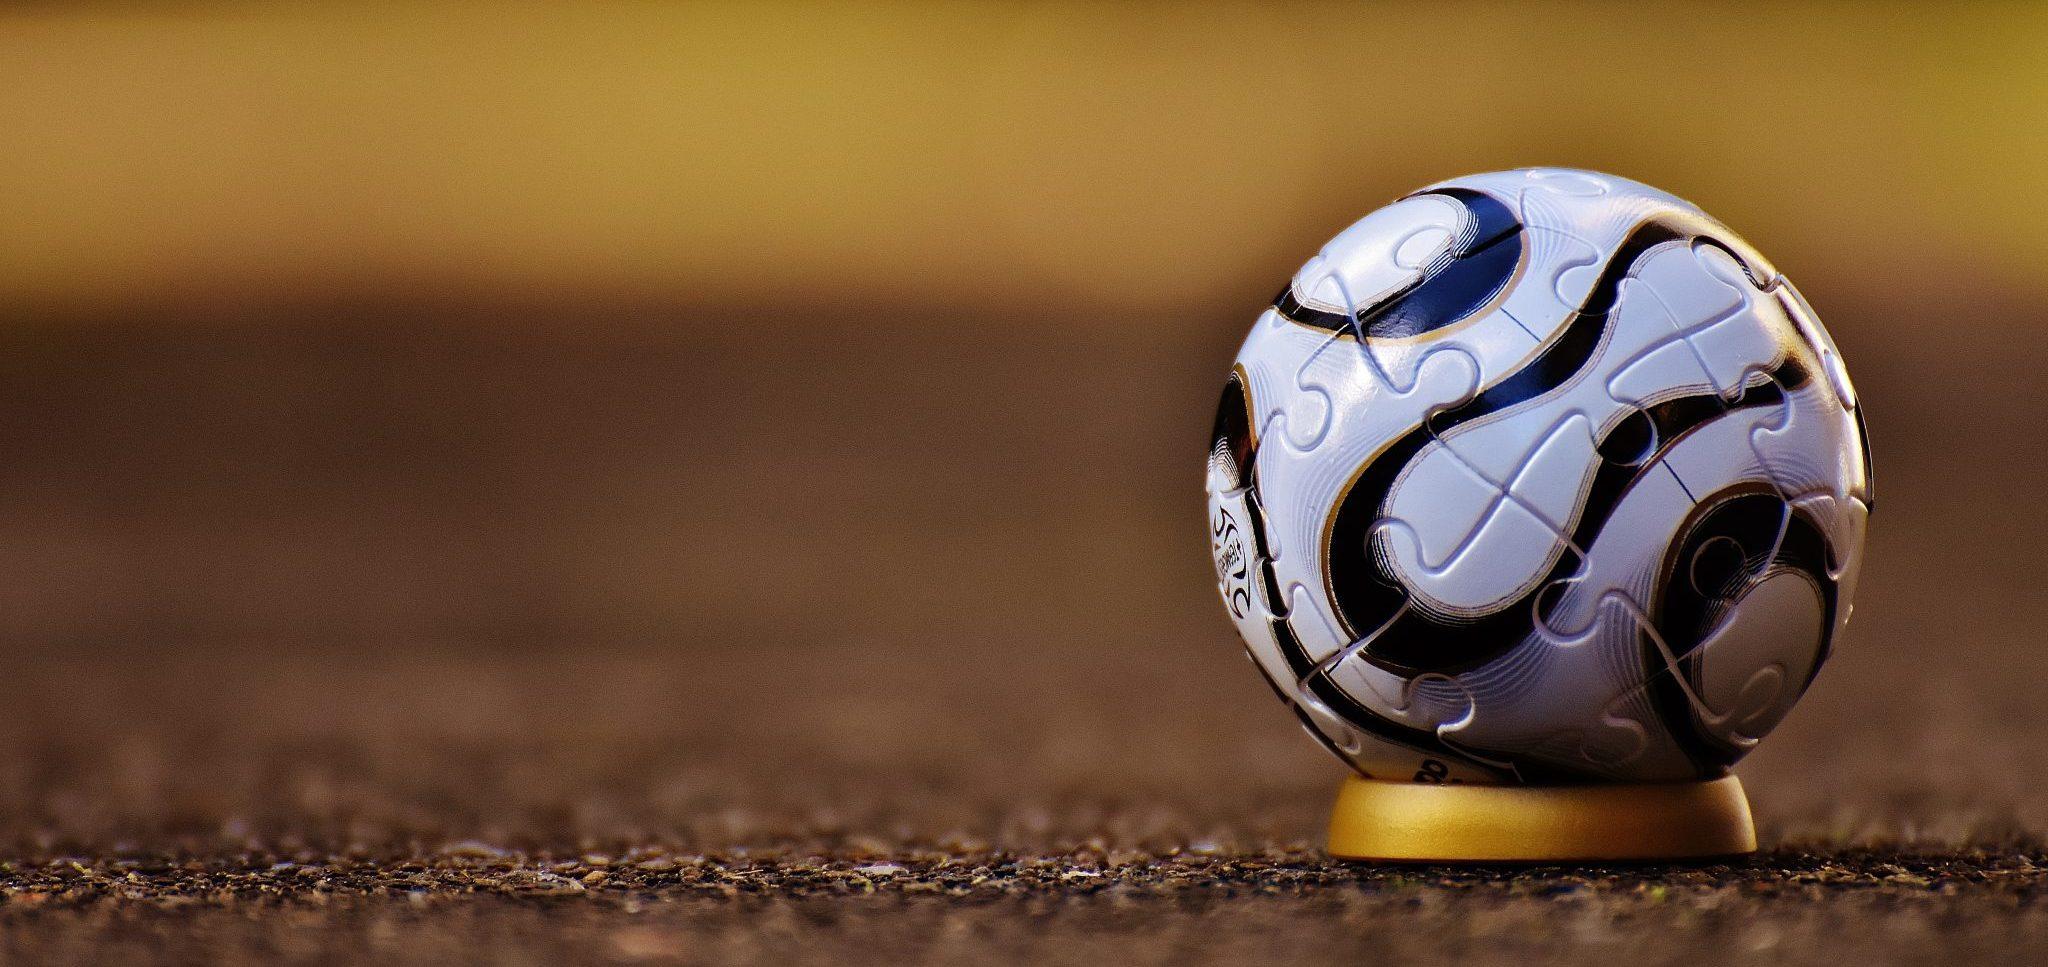 Fan engagement voor media, sport en cultuur